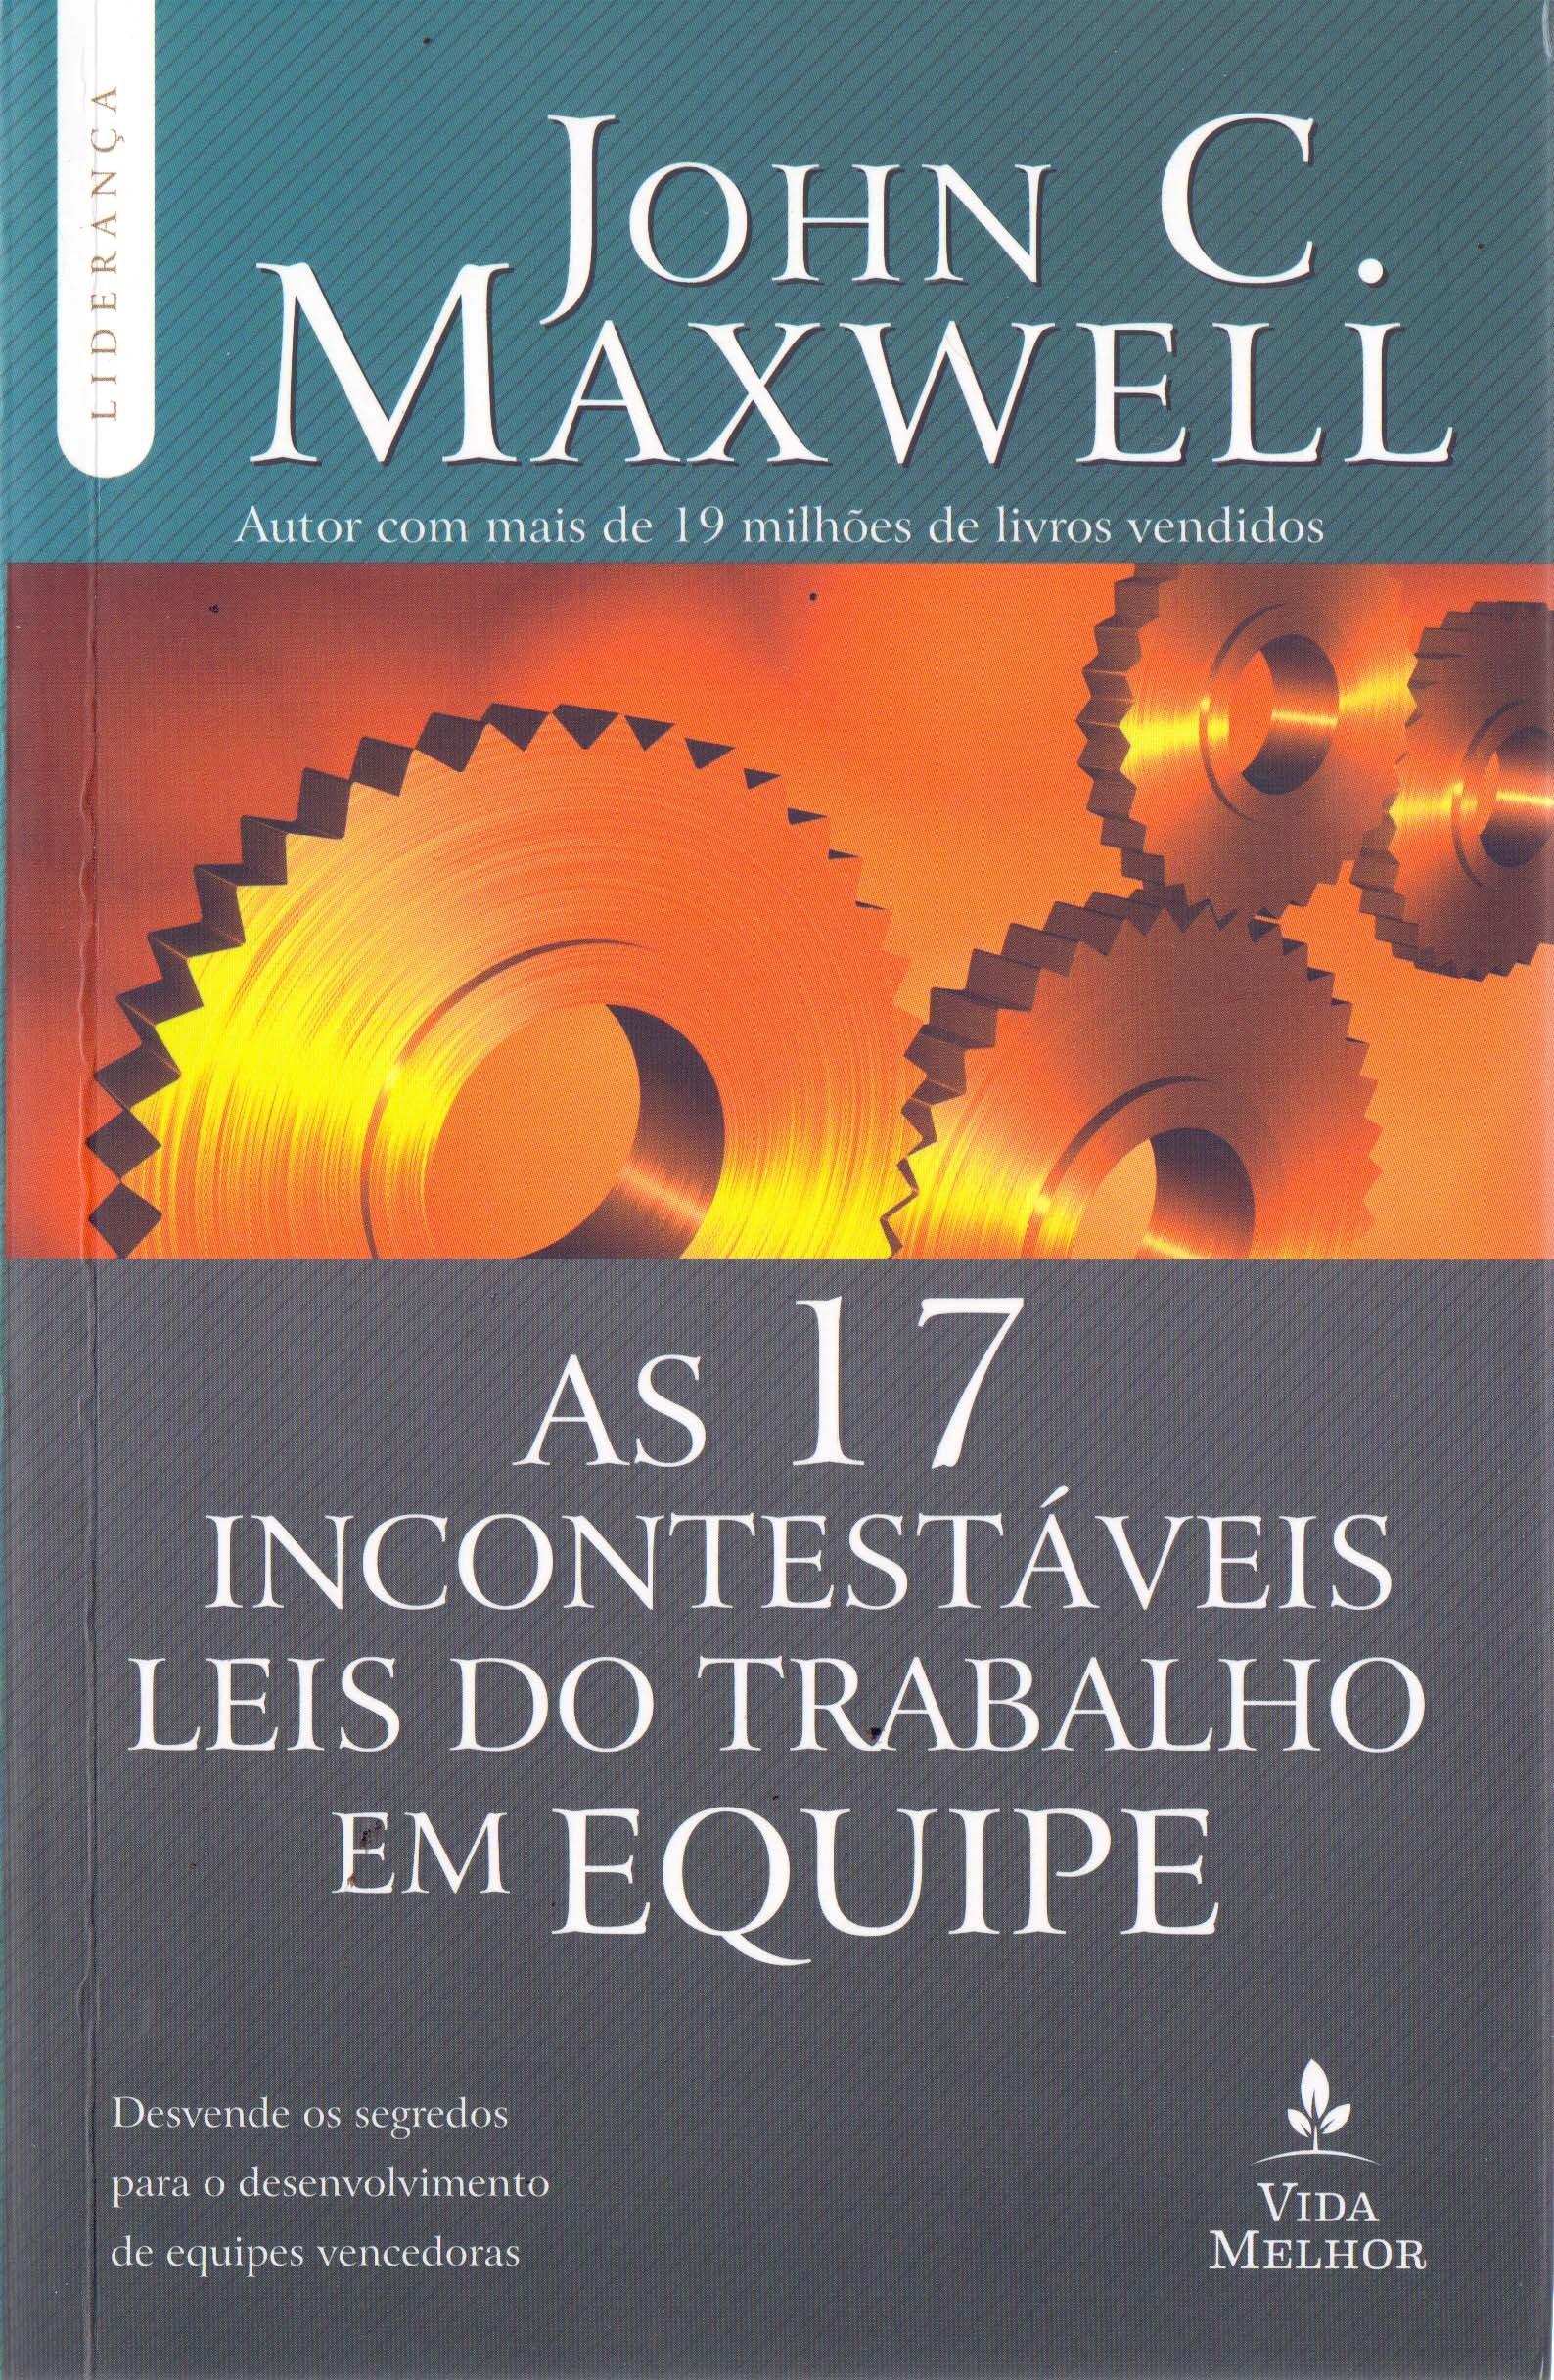 17 Incontestaveis Leis do Trabalho em Equipe, As: Descubra os Segredos Para o Desenvolvimento de Equipes Vencedoras ebook